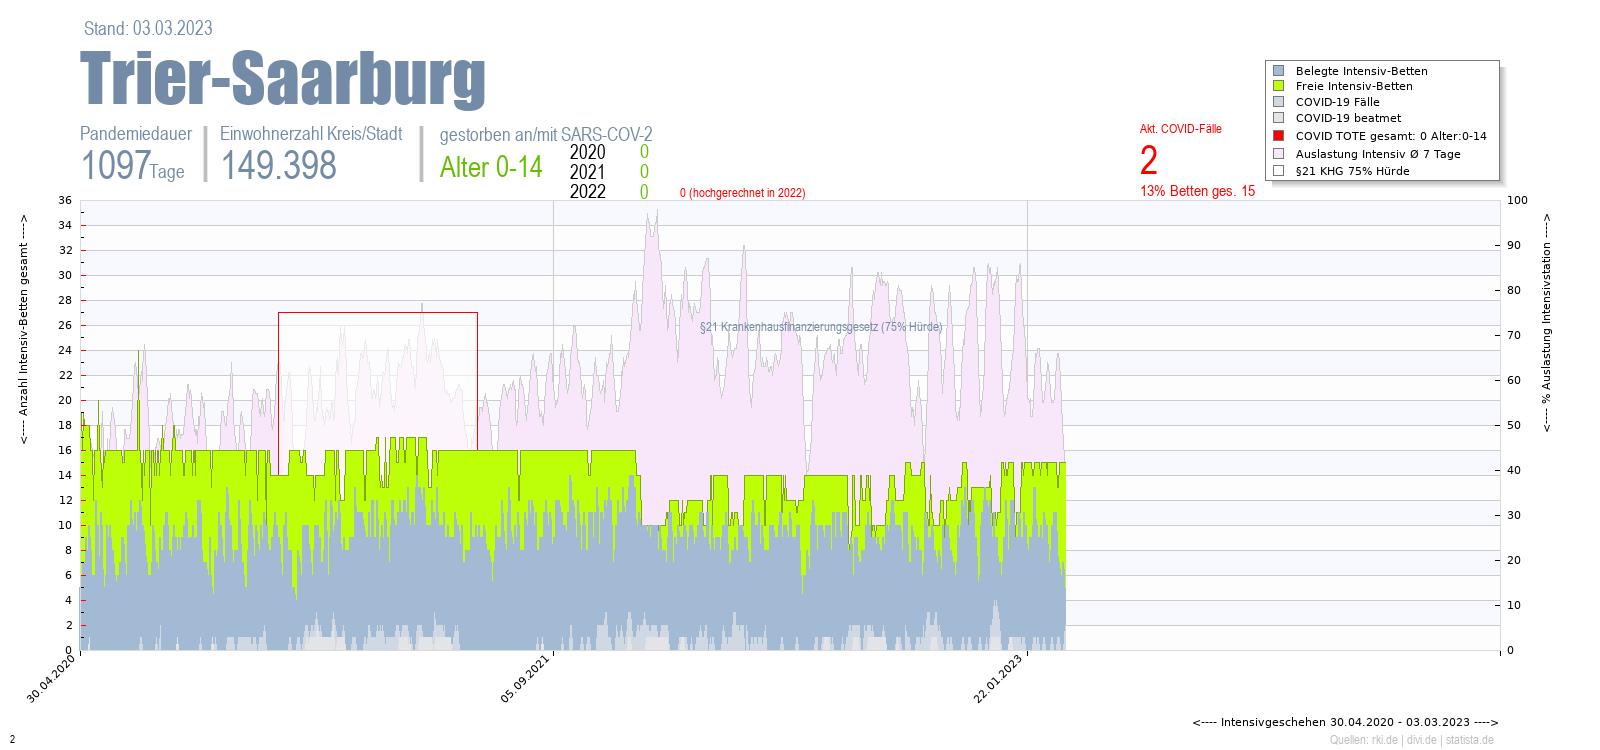 Intensivstation Auslastung Trier-Saarburg Alter 0-4